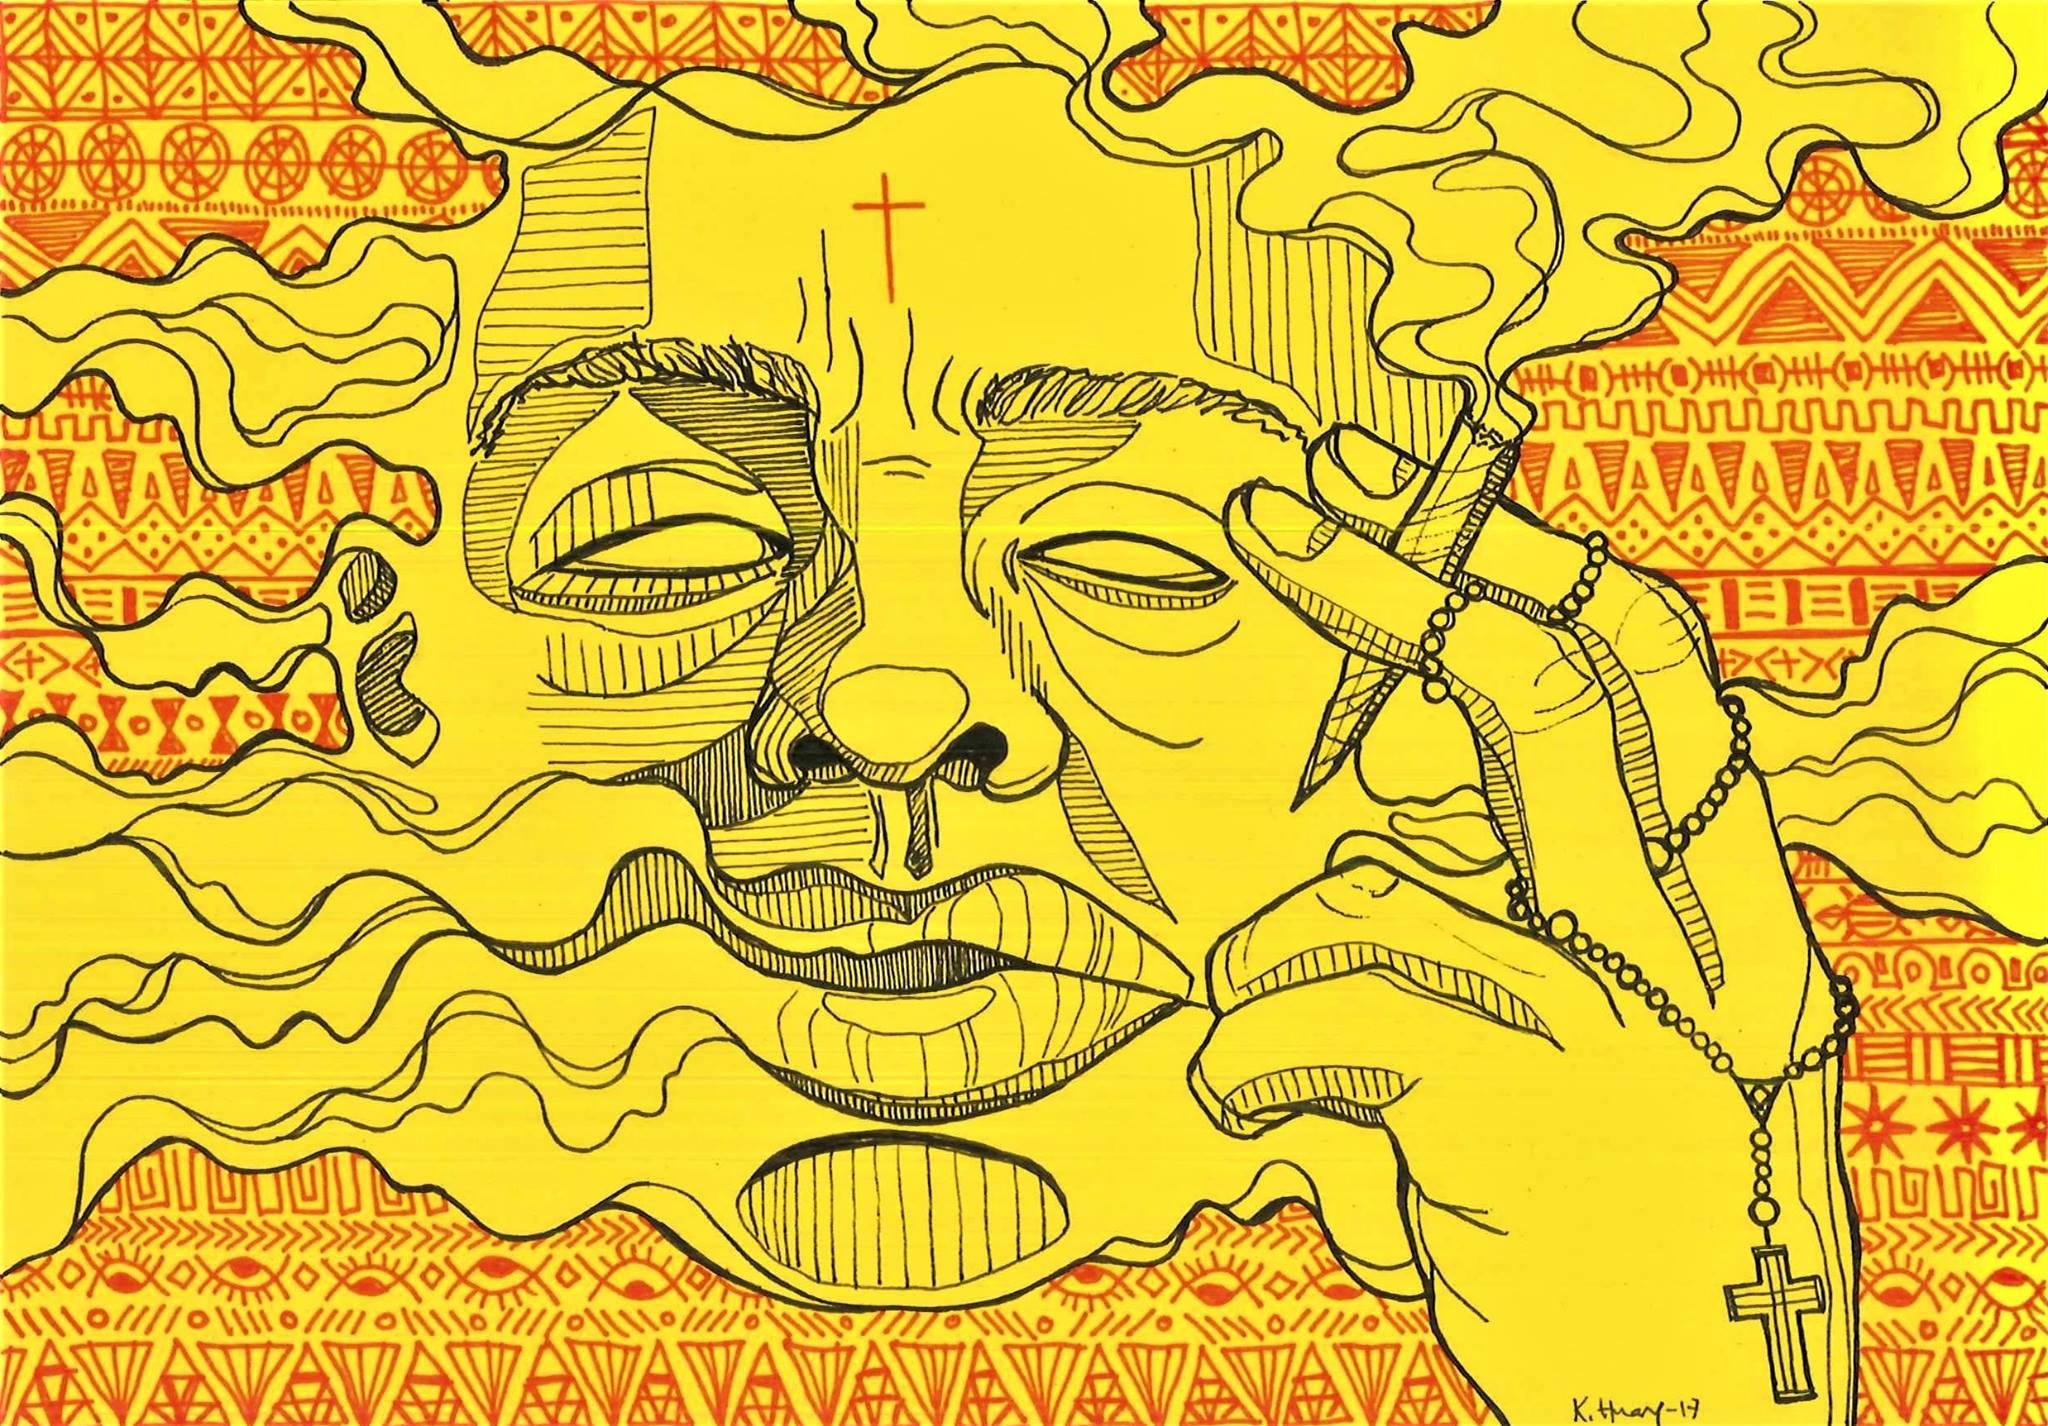 De to vanligste forklaringene på Misala(galskap), i Malawi, er forbannelser eller at det er forårsaket av marihuana. Illustrasjon: Kristin Huang.